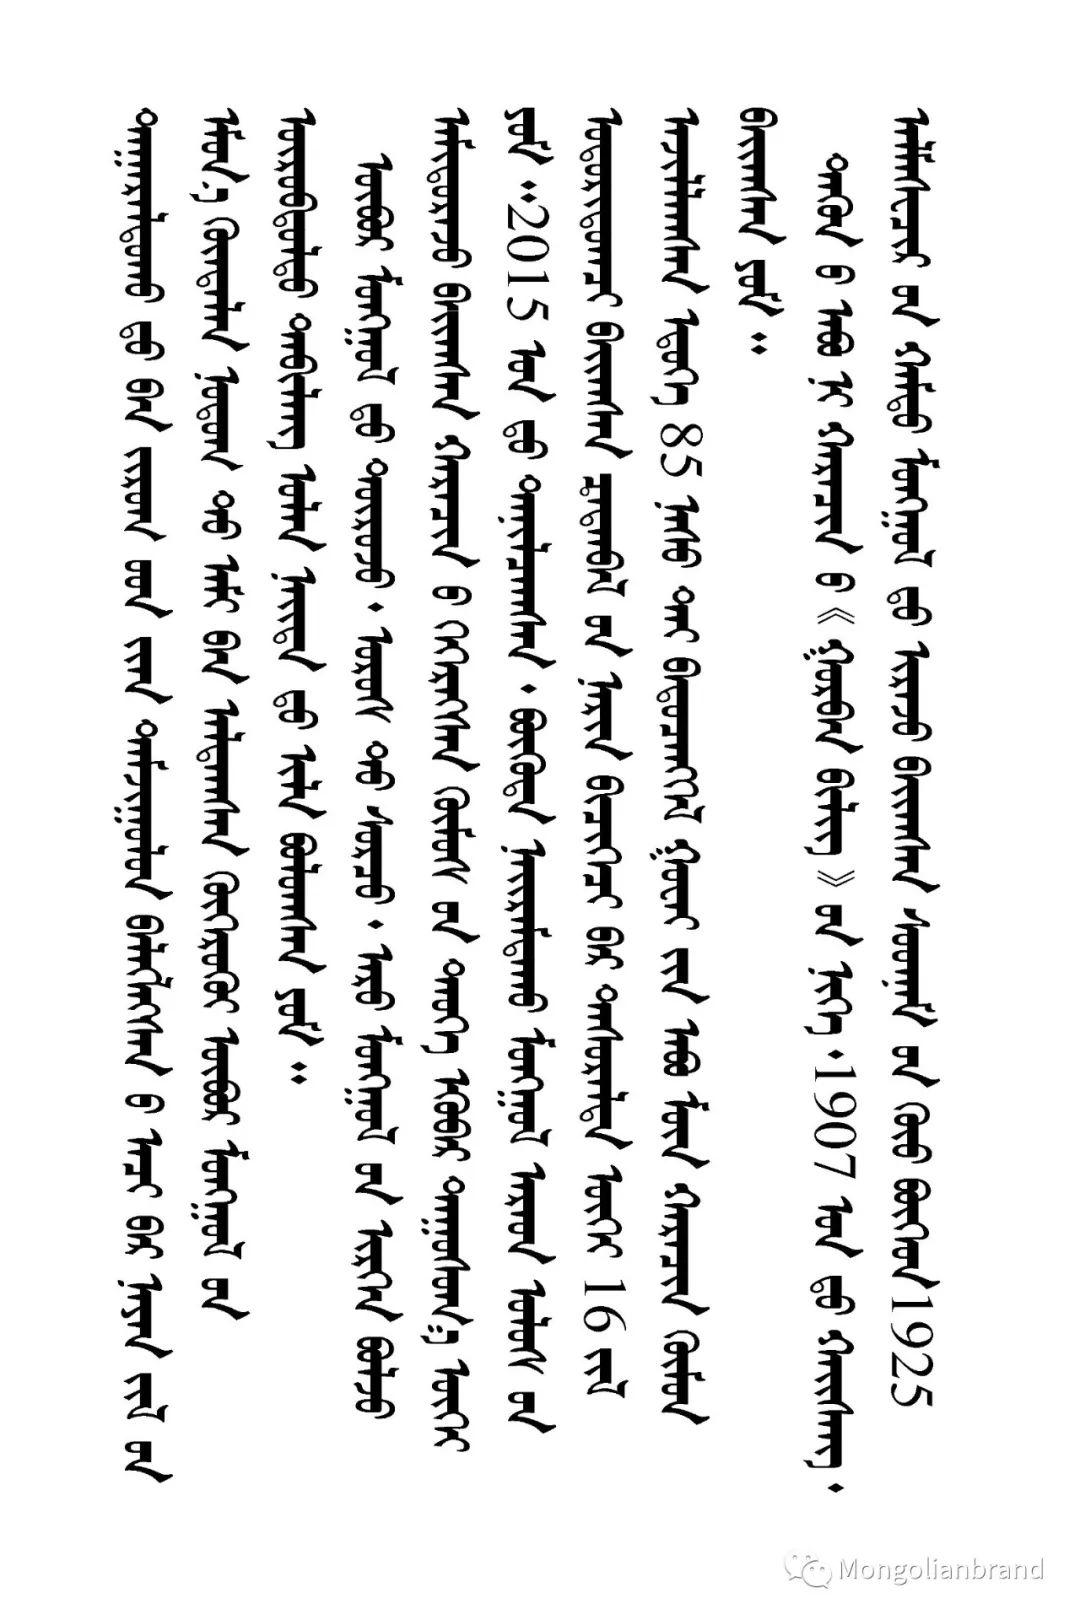 蒙古丨20世纪30年代在蒙古遇害的喀喇沁知识分子乌力吉巴达拉呼 第6张 蒙古丨20世纪30年代在蒙古遇害的喀喇沁知识分子乌力吉巴达拉呼 蒙古文化